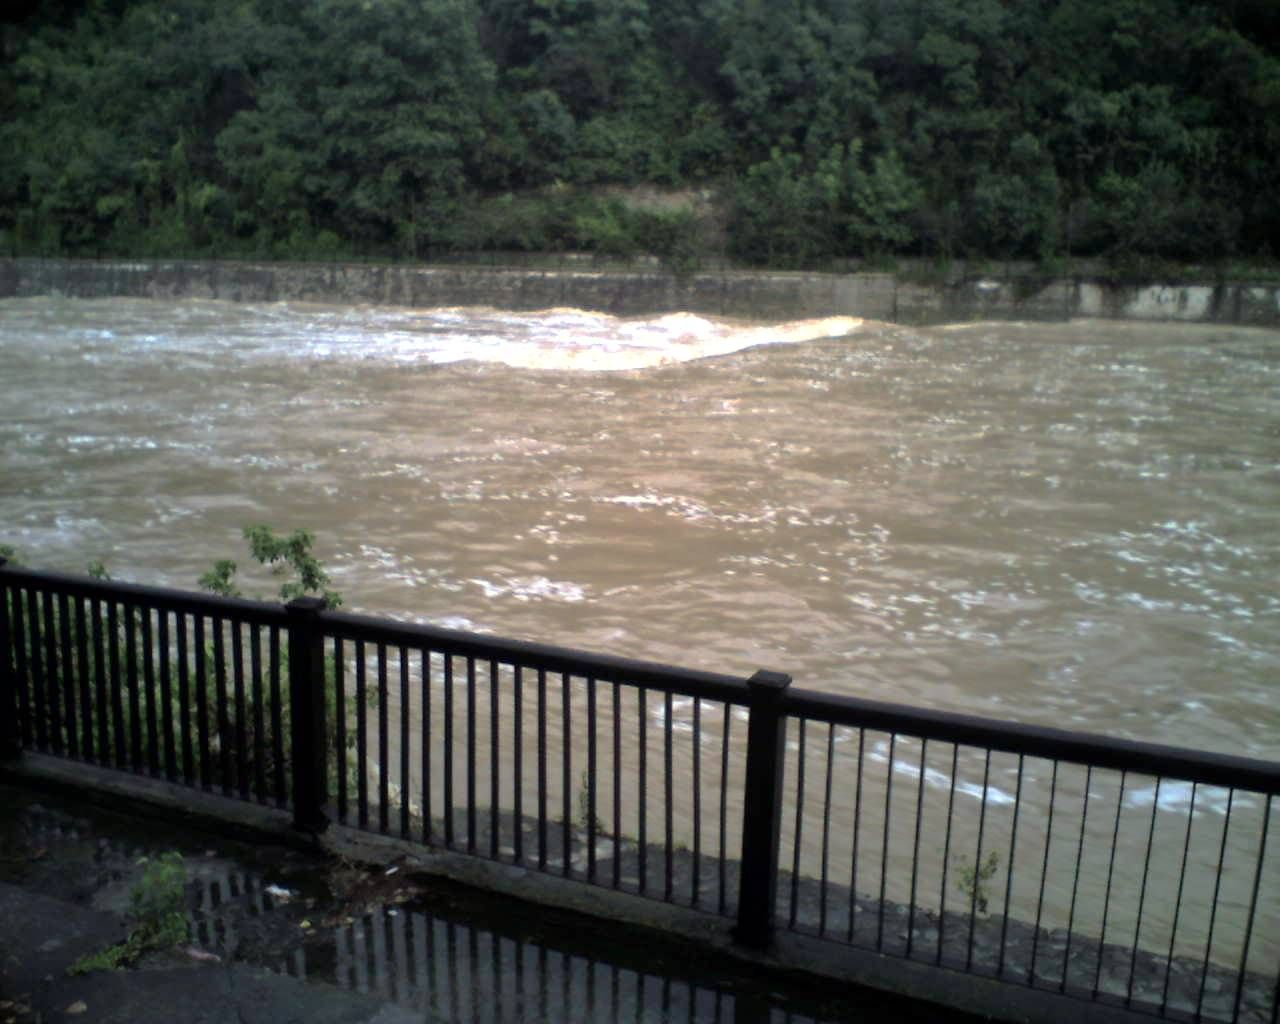 Голяма паника обхвана село до река Осъм . - http://novinite.eu/golyama-panika-obhvana-selo-do-reka-osam/